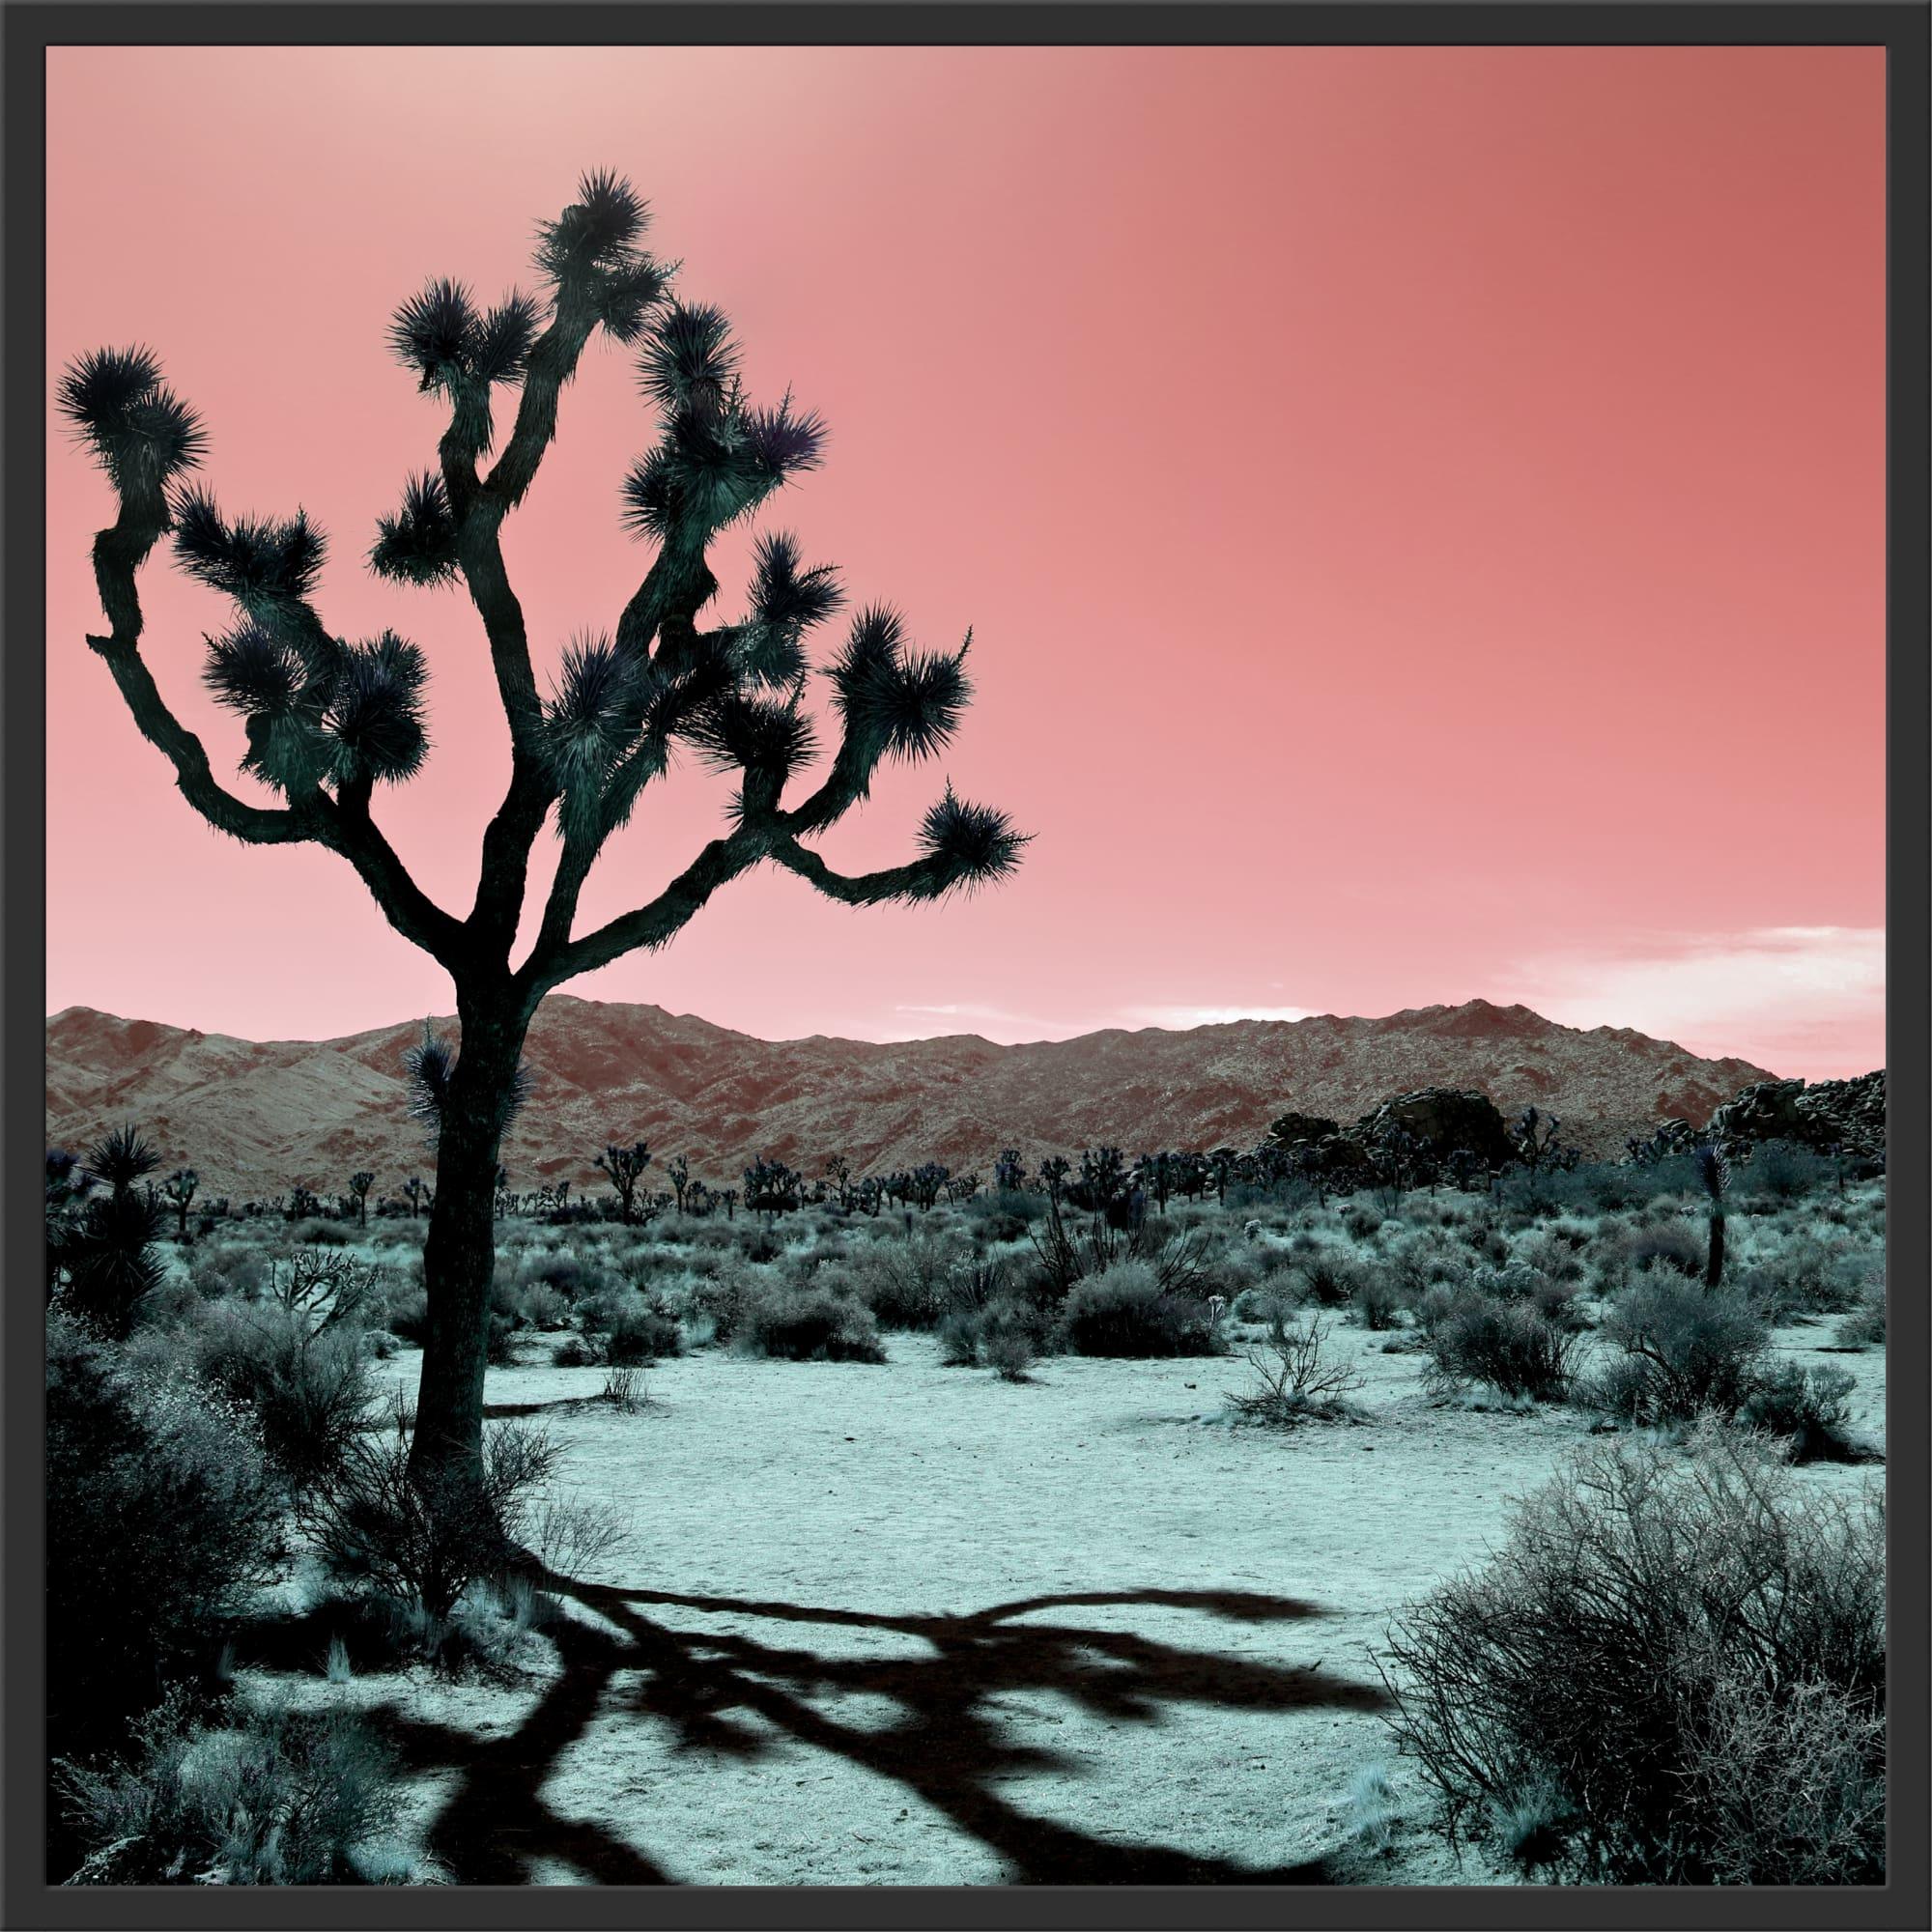 Photography by Kristin  Hart  Studios seen at Joshua Tree National Park - JOSHUA TREE - ROSE, California